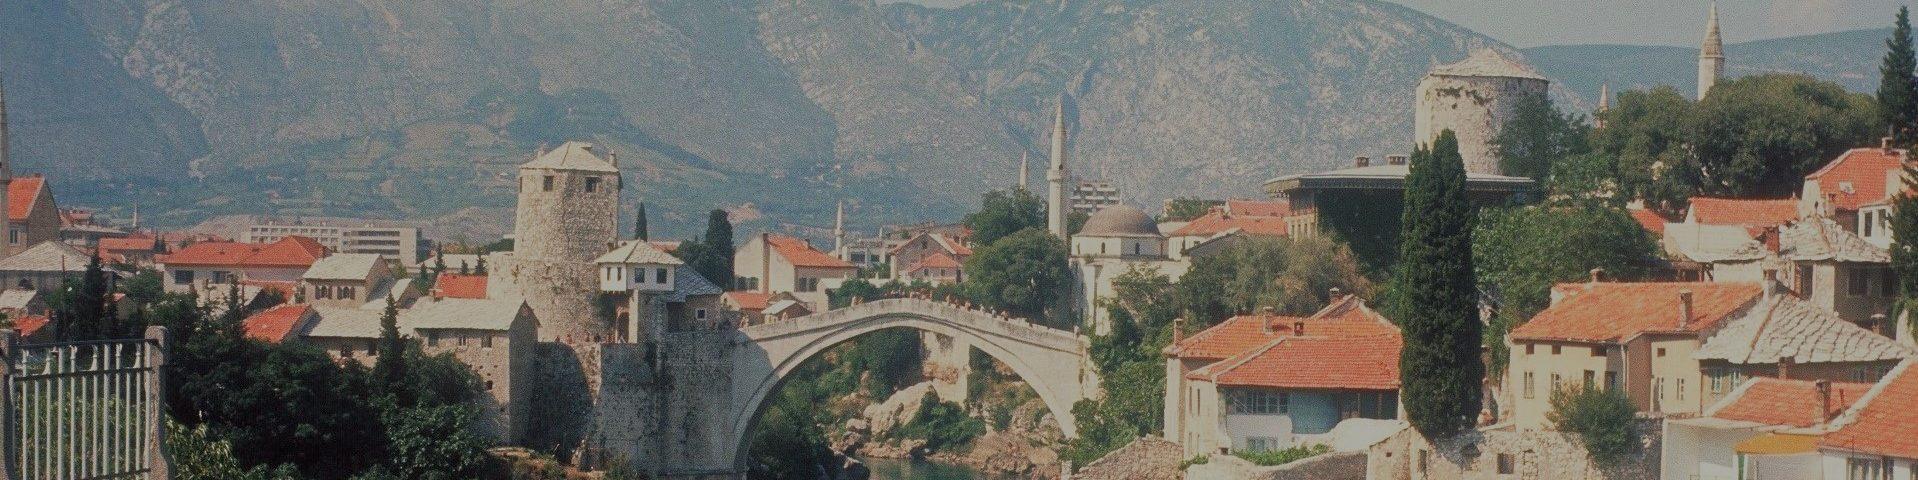 Die Brücke über der Drina | Krieg und Frieden in Mostar